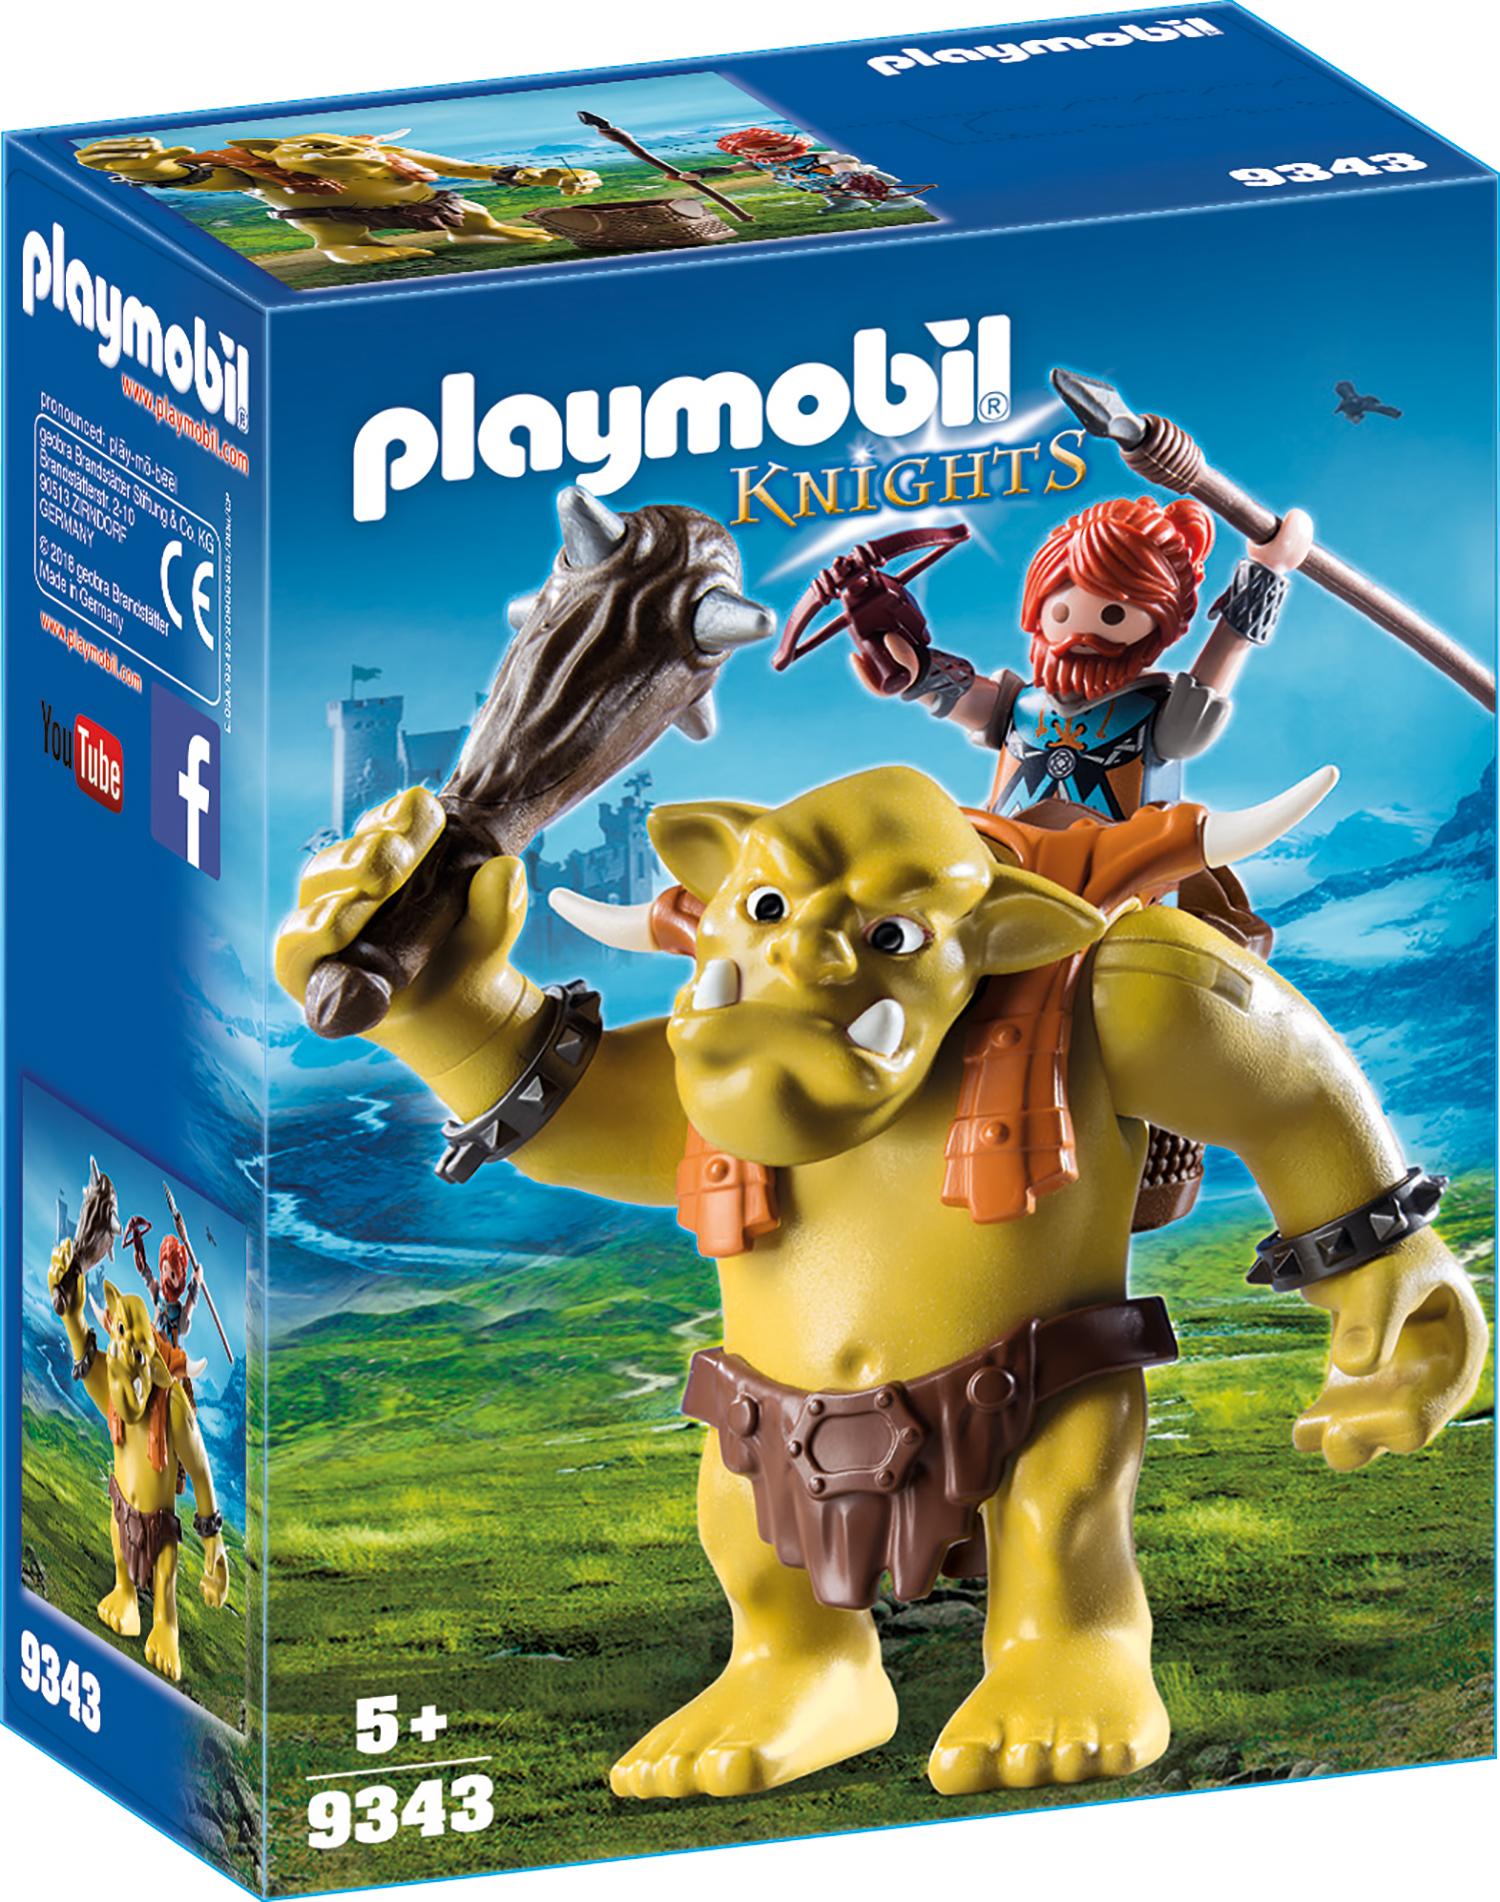 Trol cu luptator pitic playmobil knights